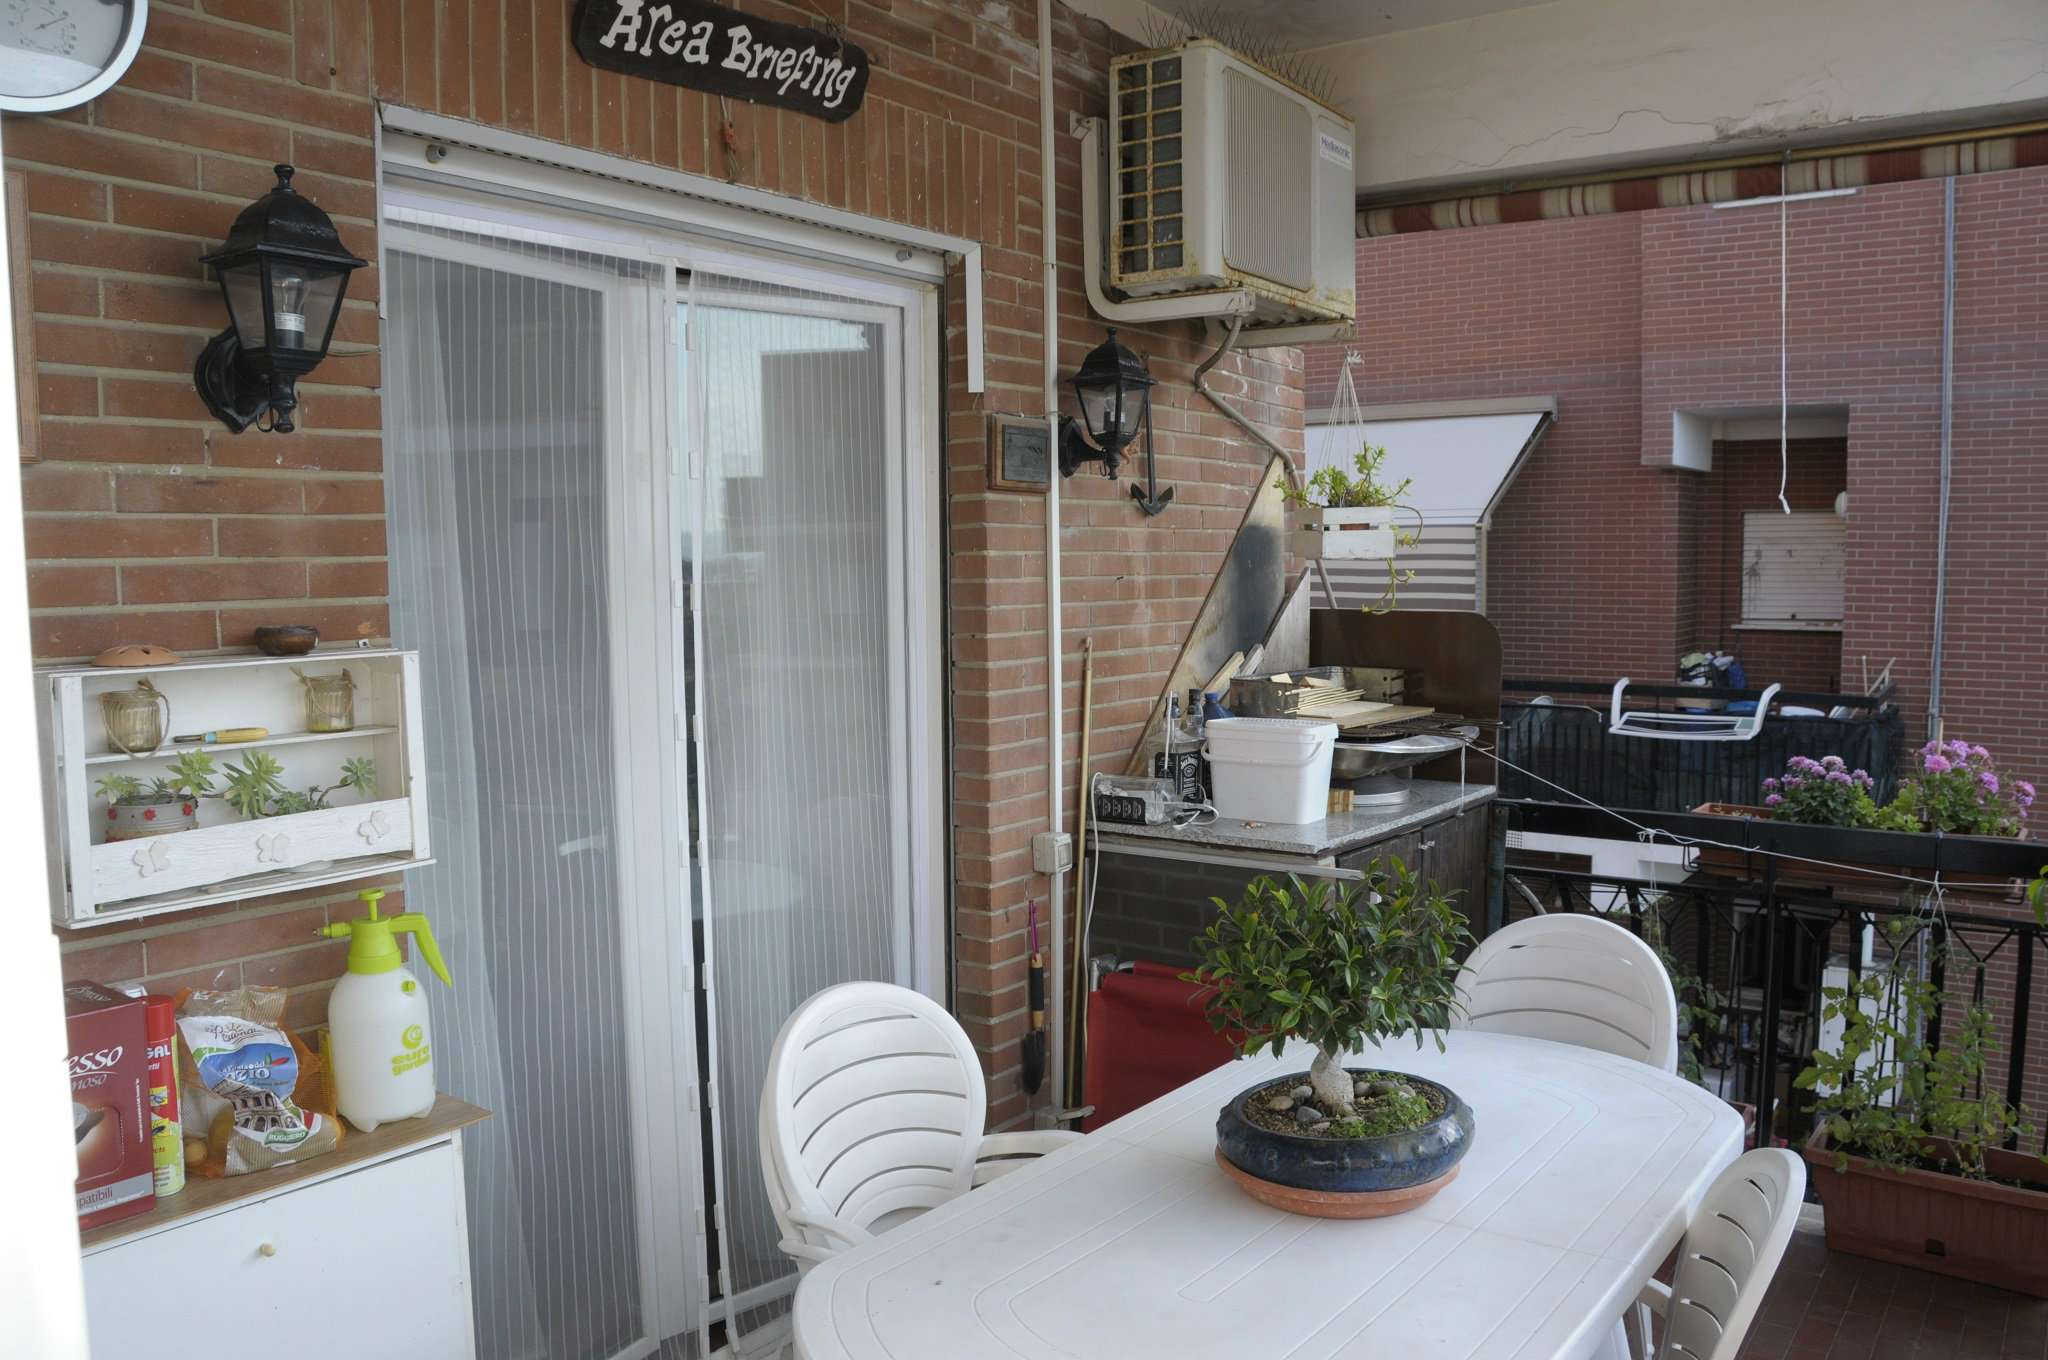 Appartamento in vendita a Ladispoli, 2 locali, prezzo € 135.000 | PortaleAgenzieImmobiliari.it